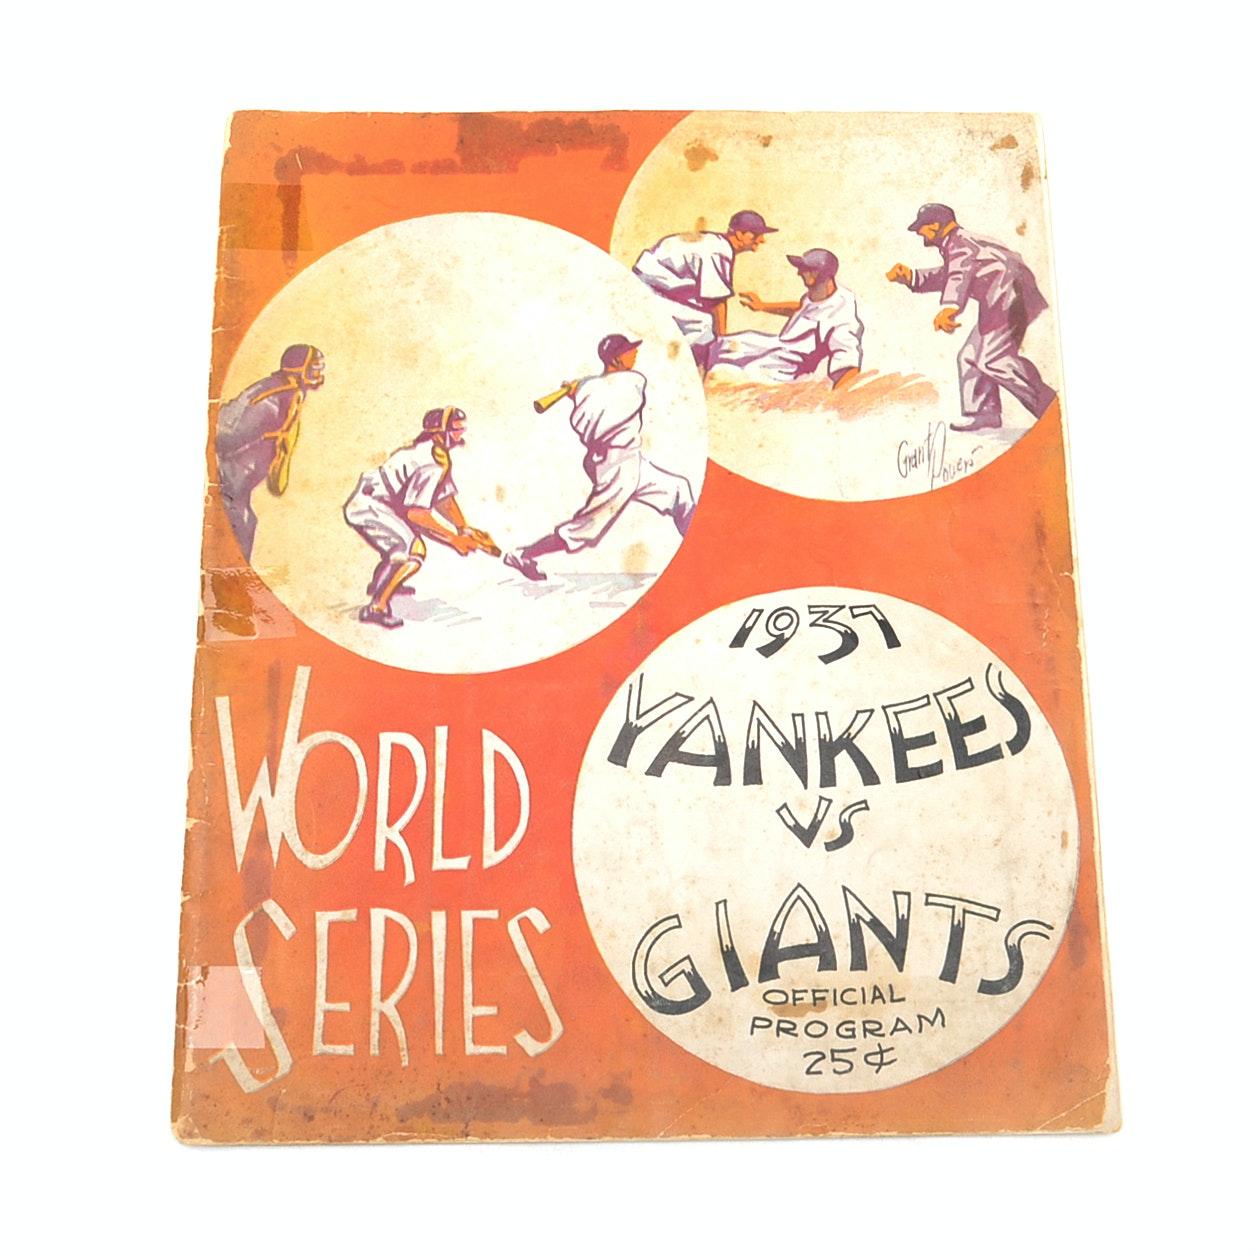 1937 New York Yankees Vs. New York Giants World Series Program